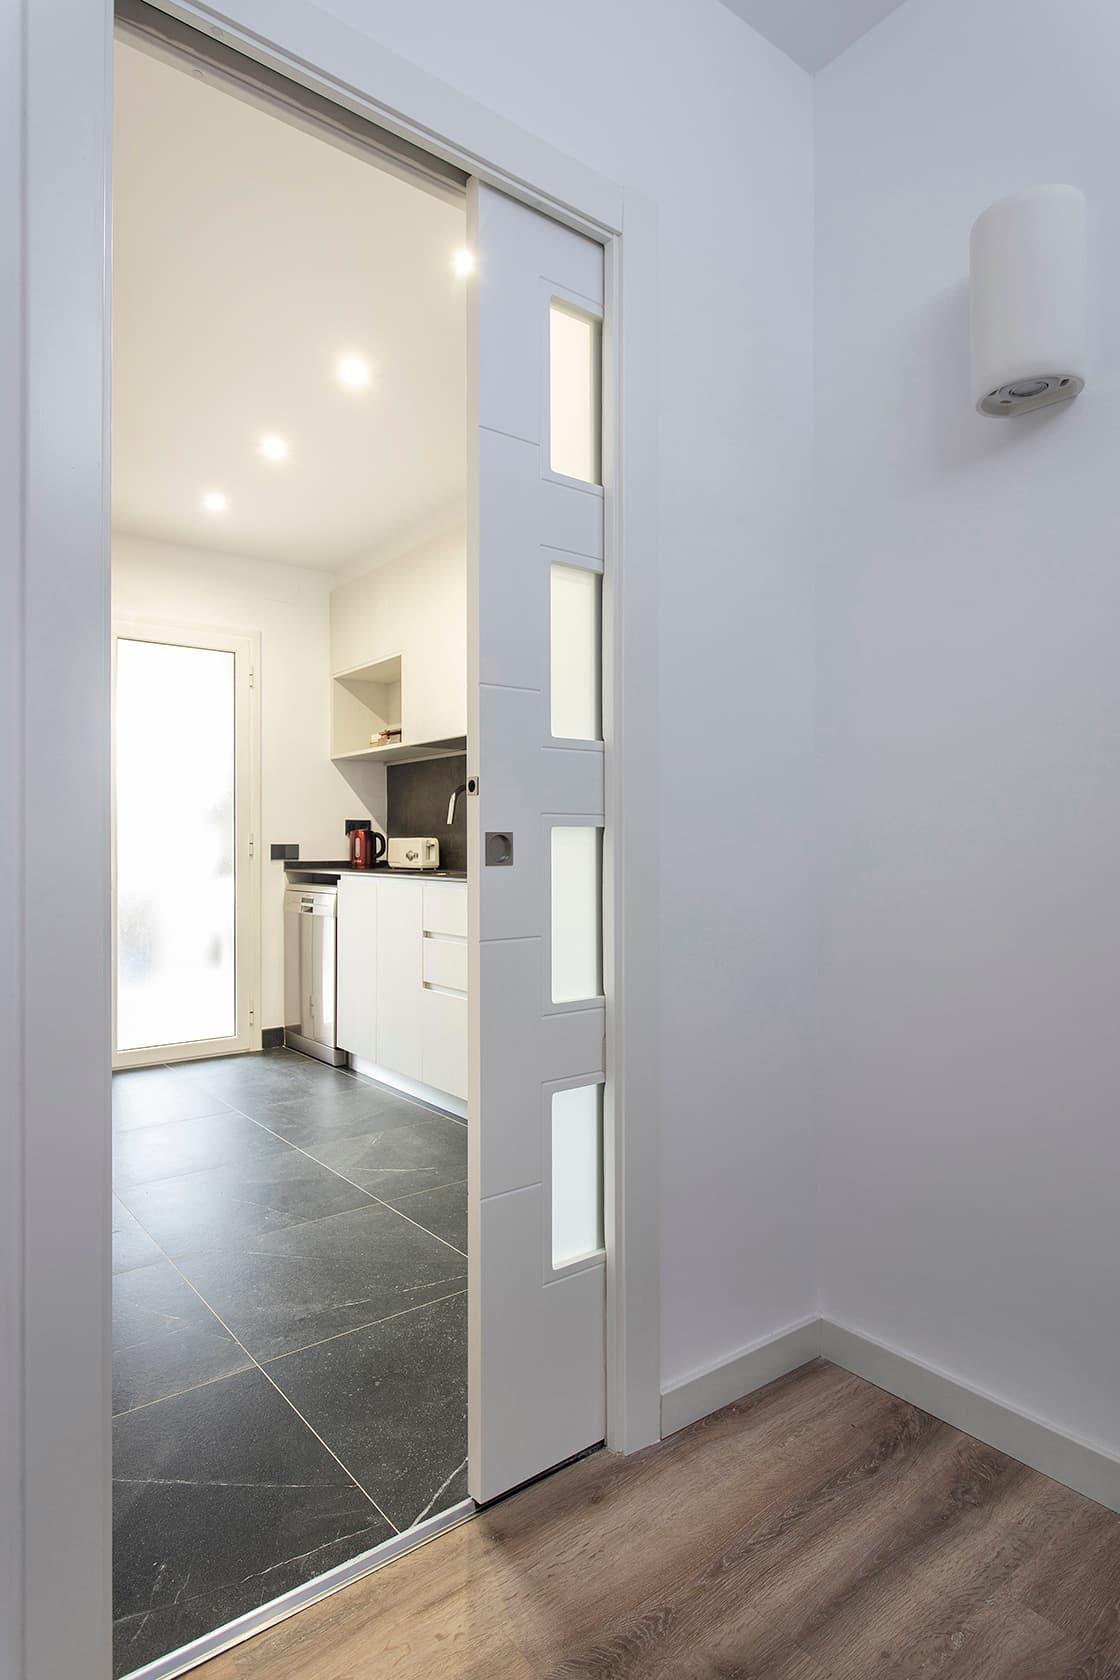 puerta entre estancias